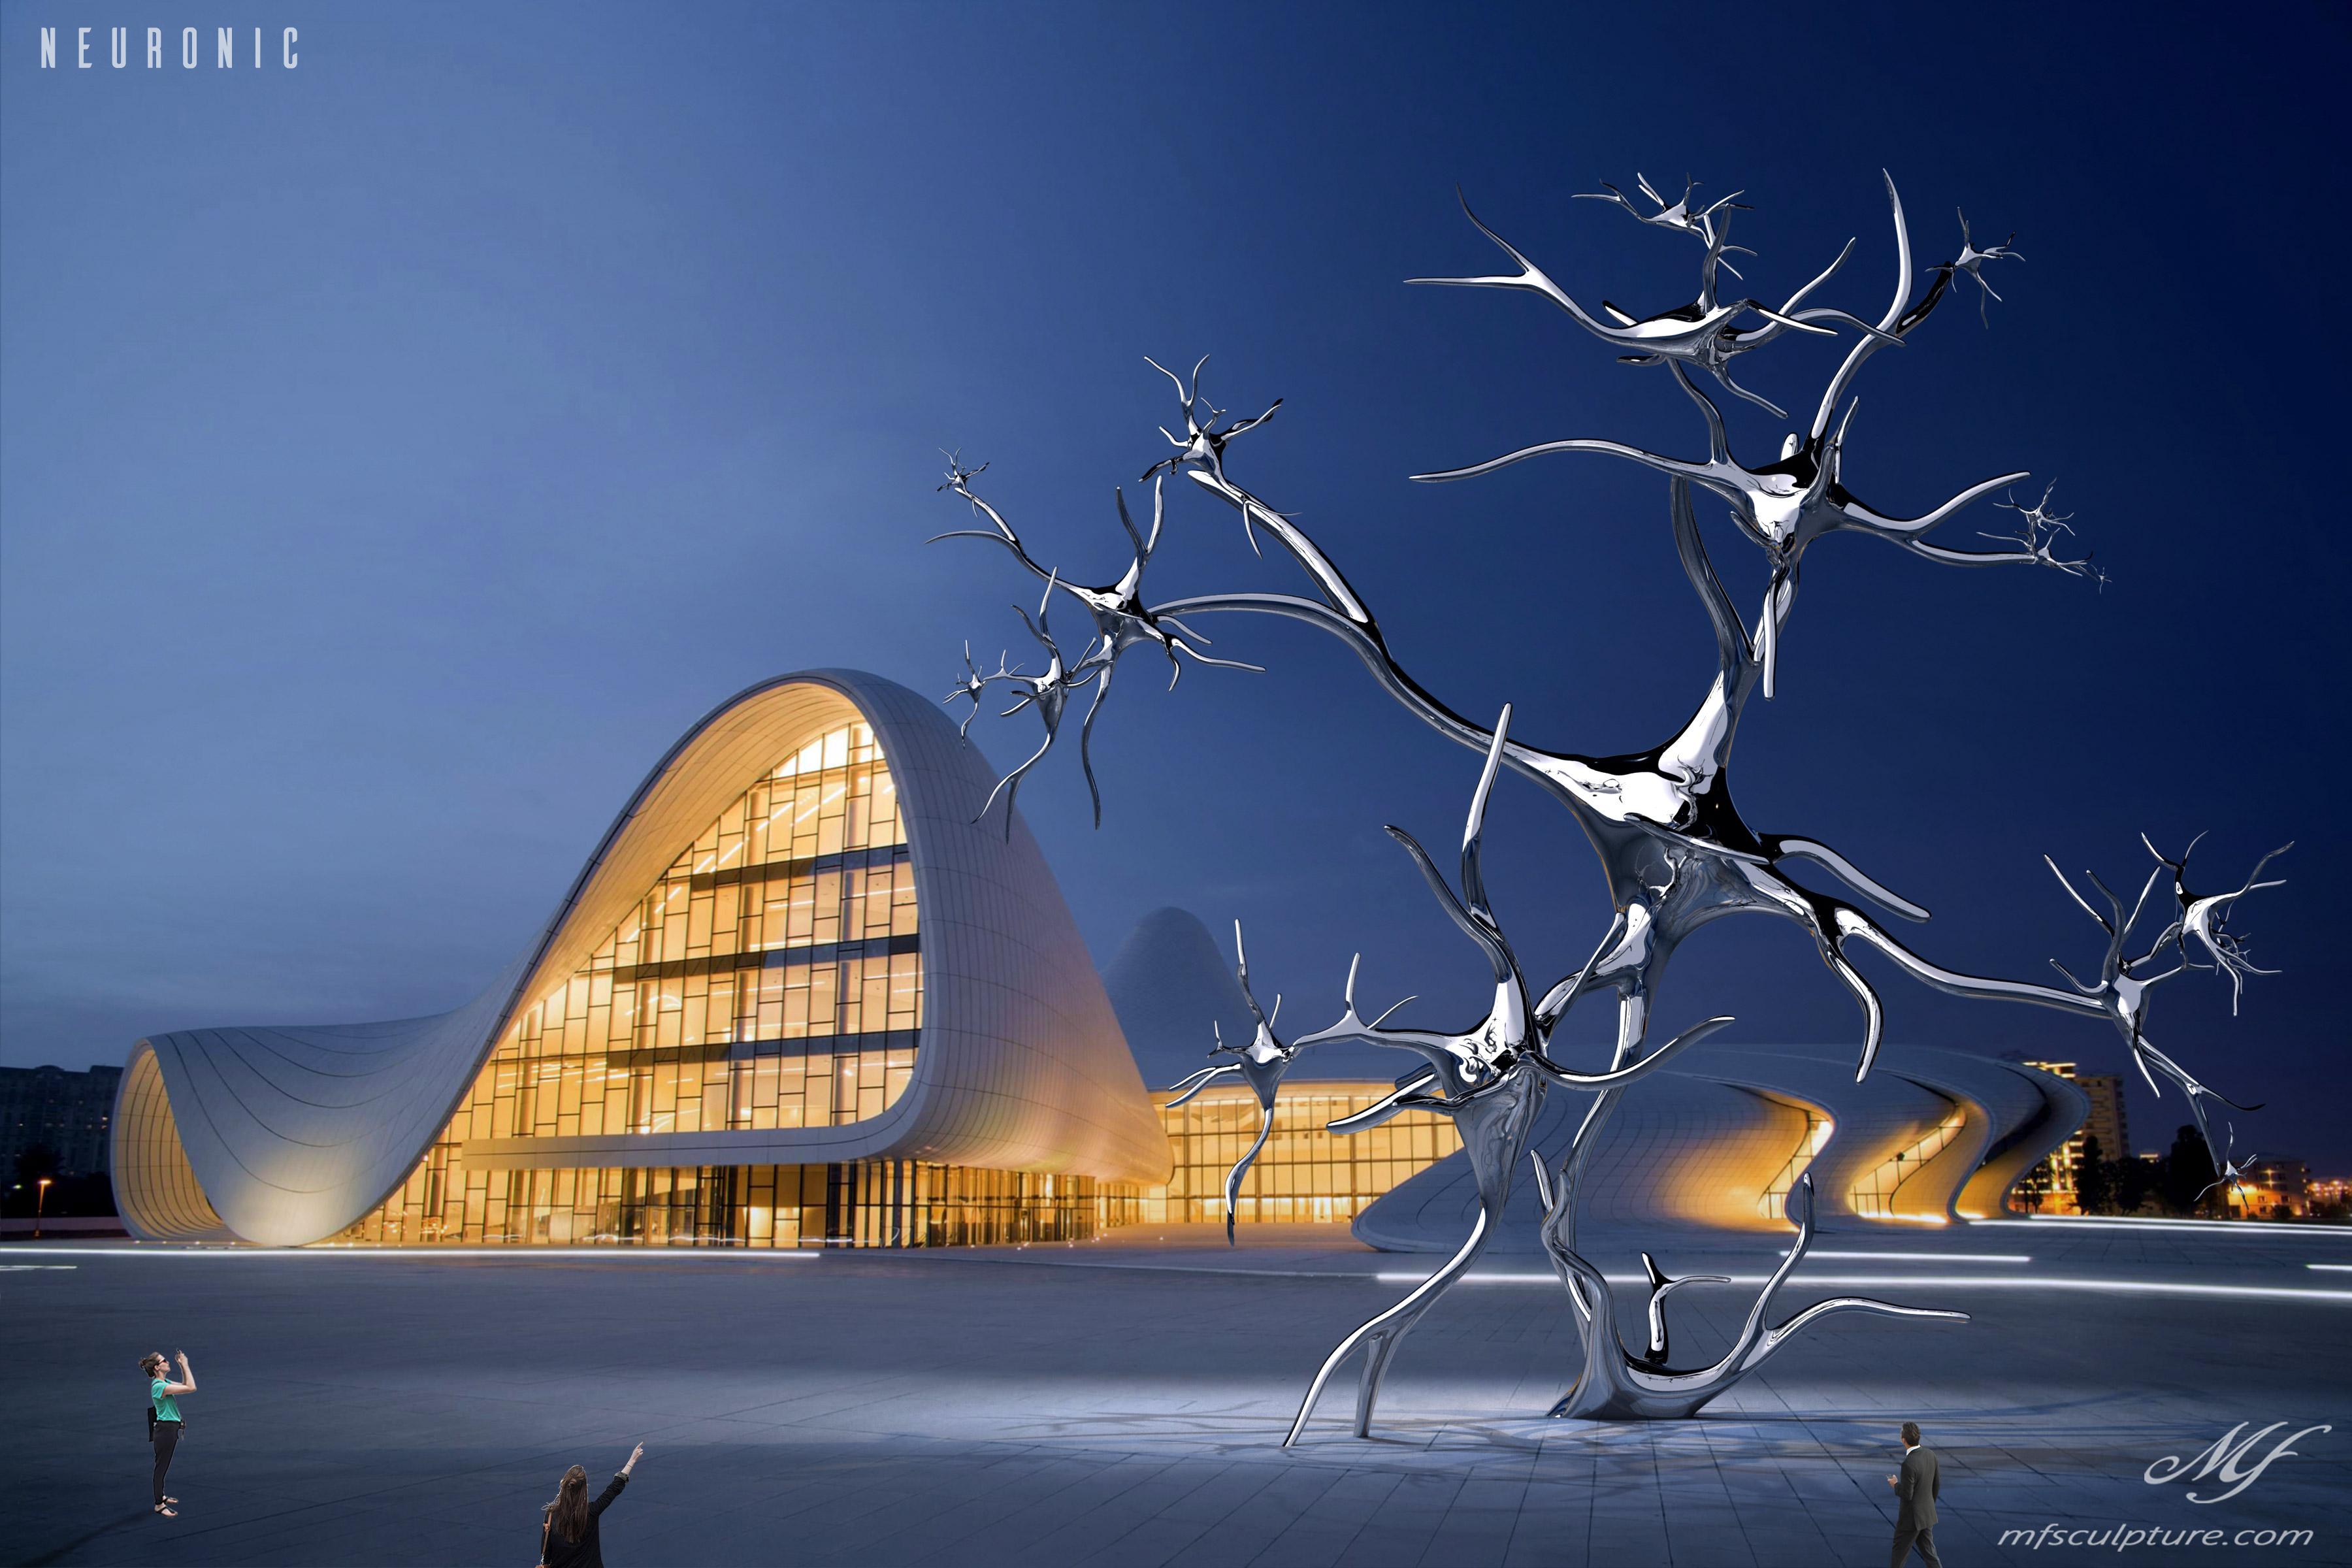 heydar aliyev center baku zaha hadid Modern Sculpture Neuronic Neuron Brain 5